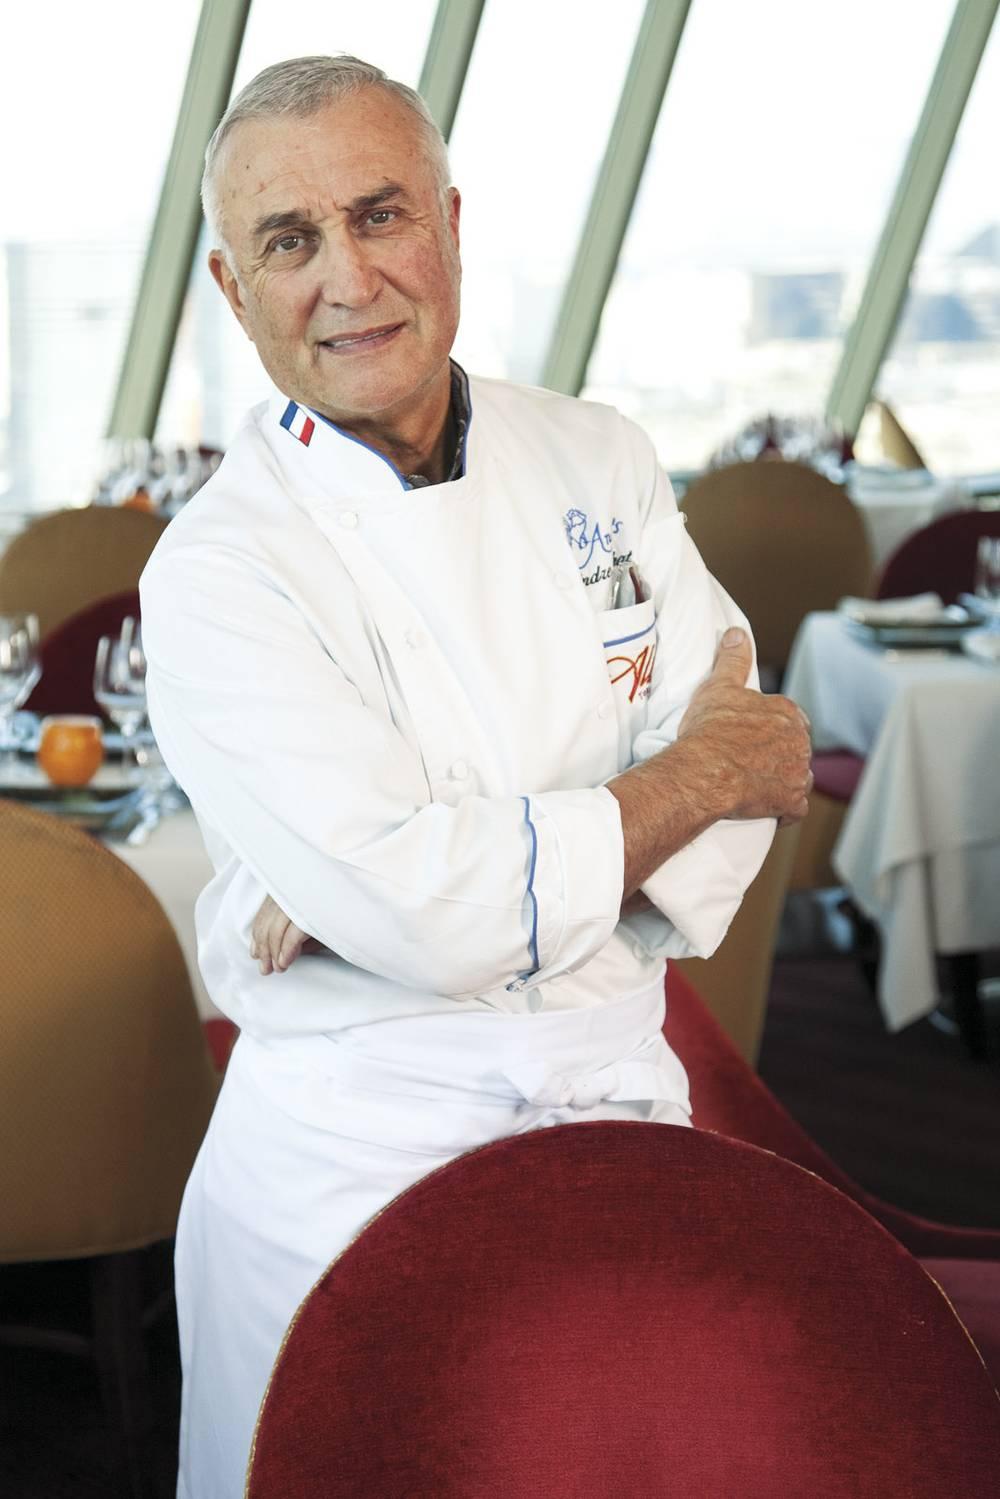 Mengulas Perjalanan Chef Andre Rochat Di Restoran Alize